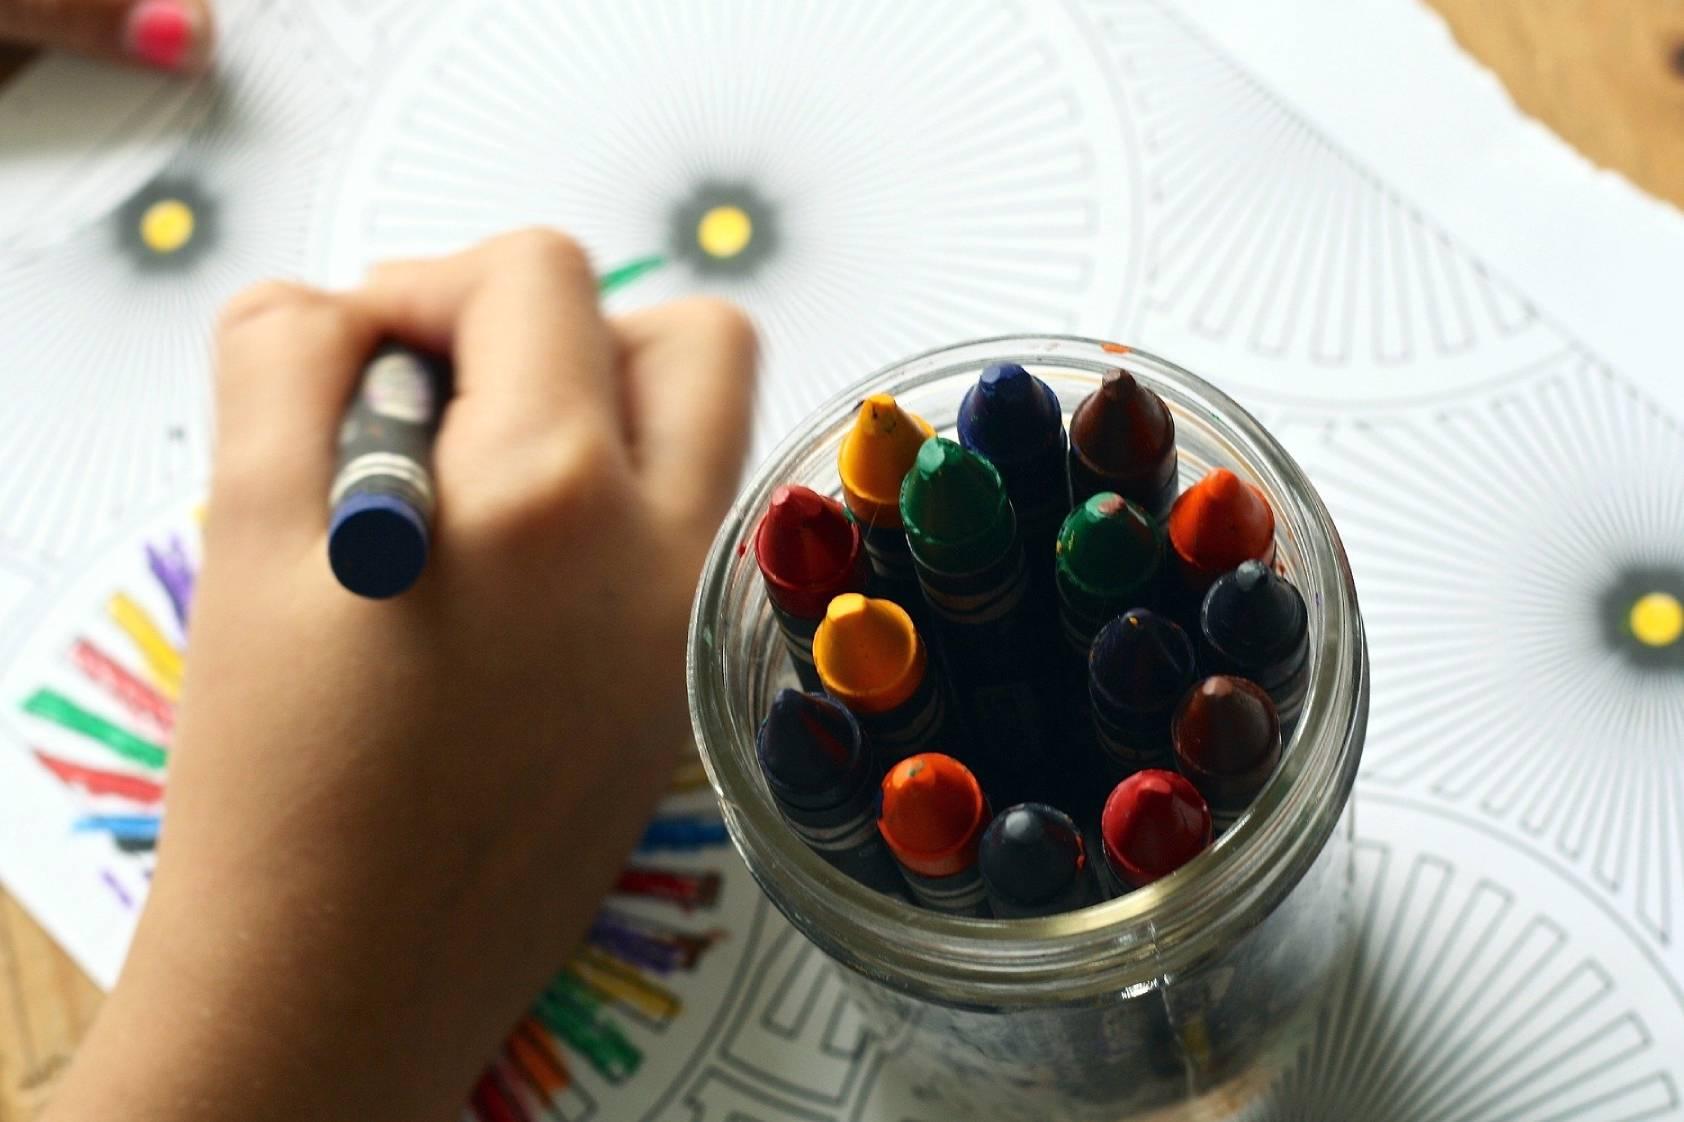 Educación Inclusiva, tema principal del próximo Congreso de la Facultad de Educación UVG